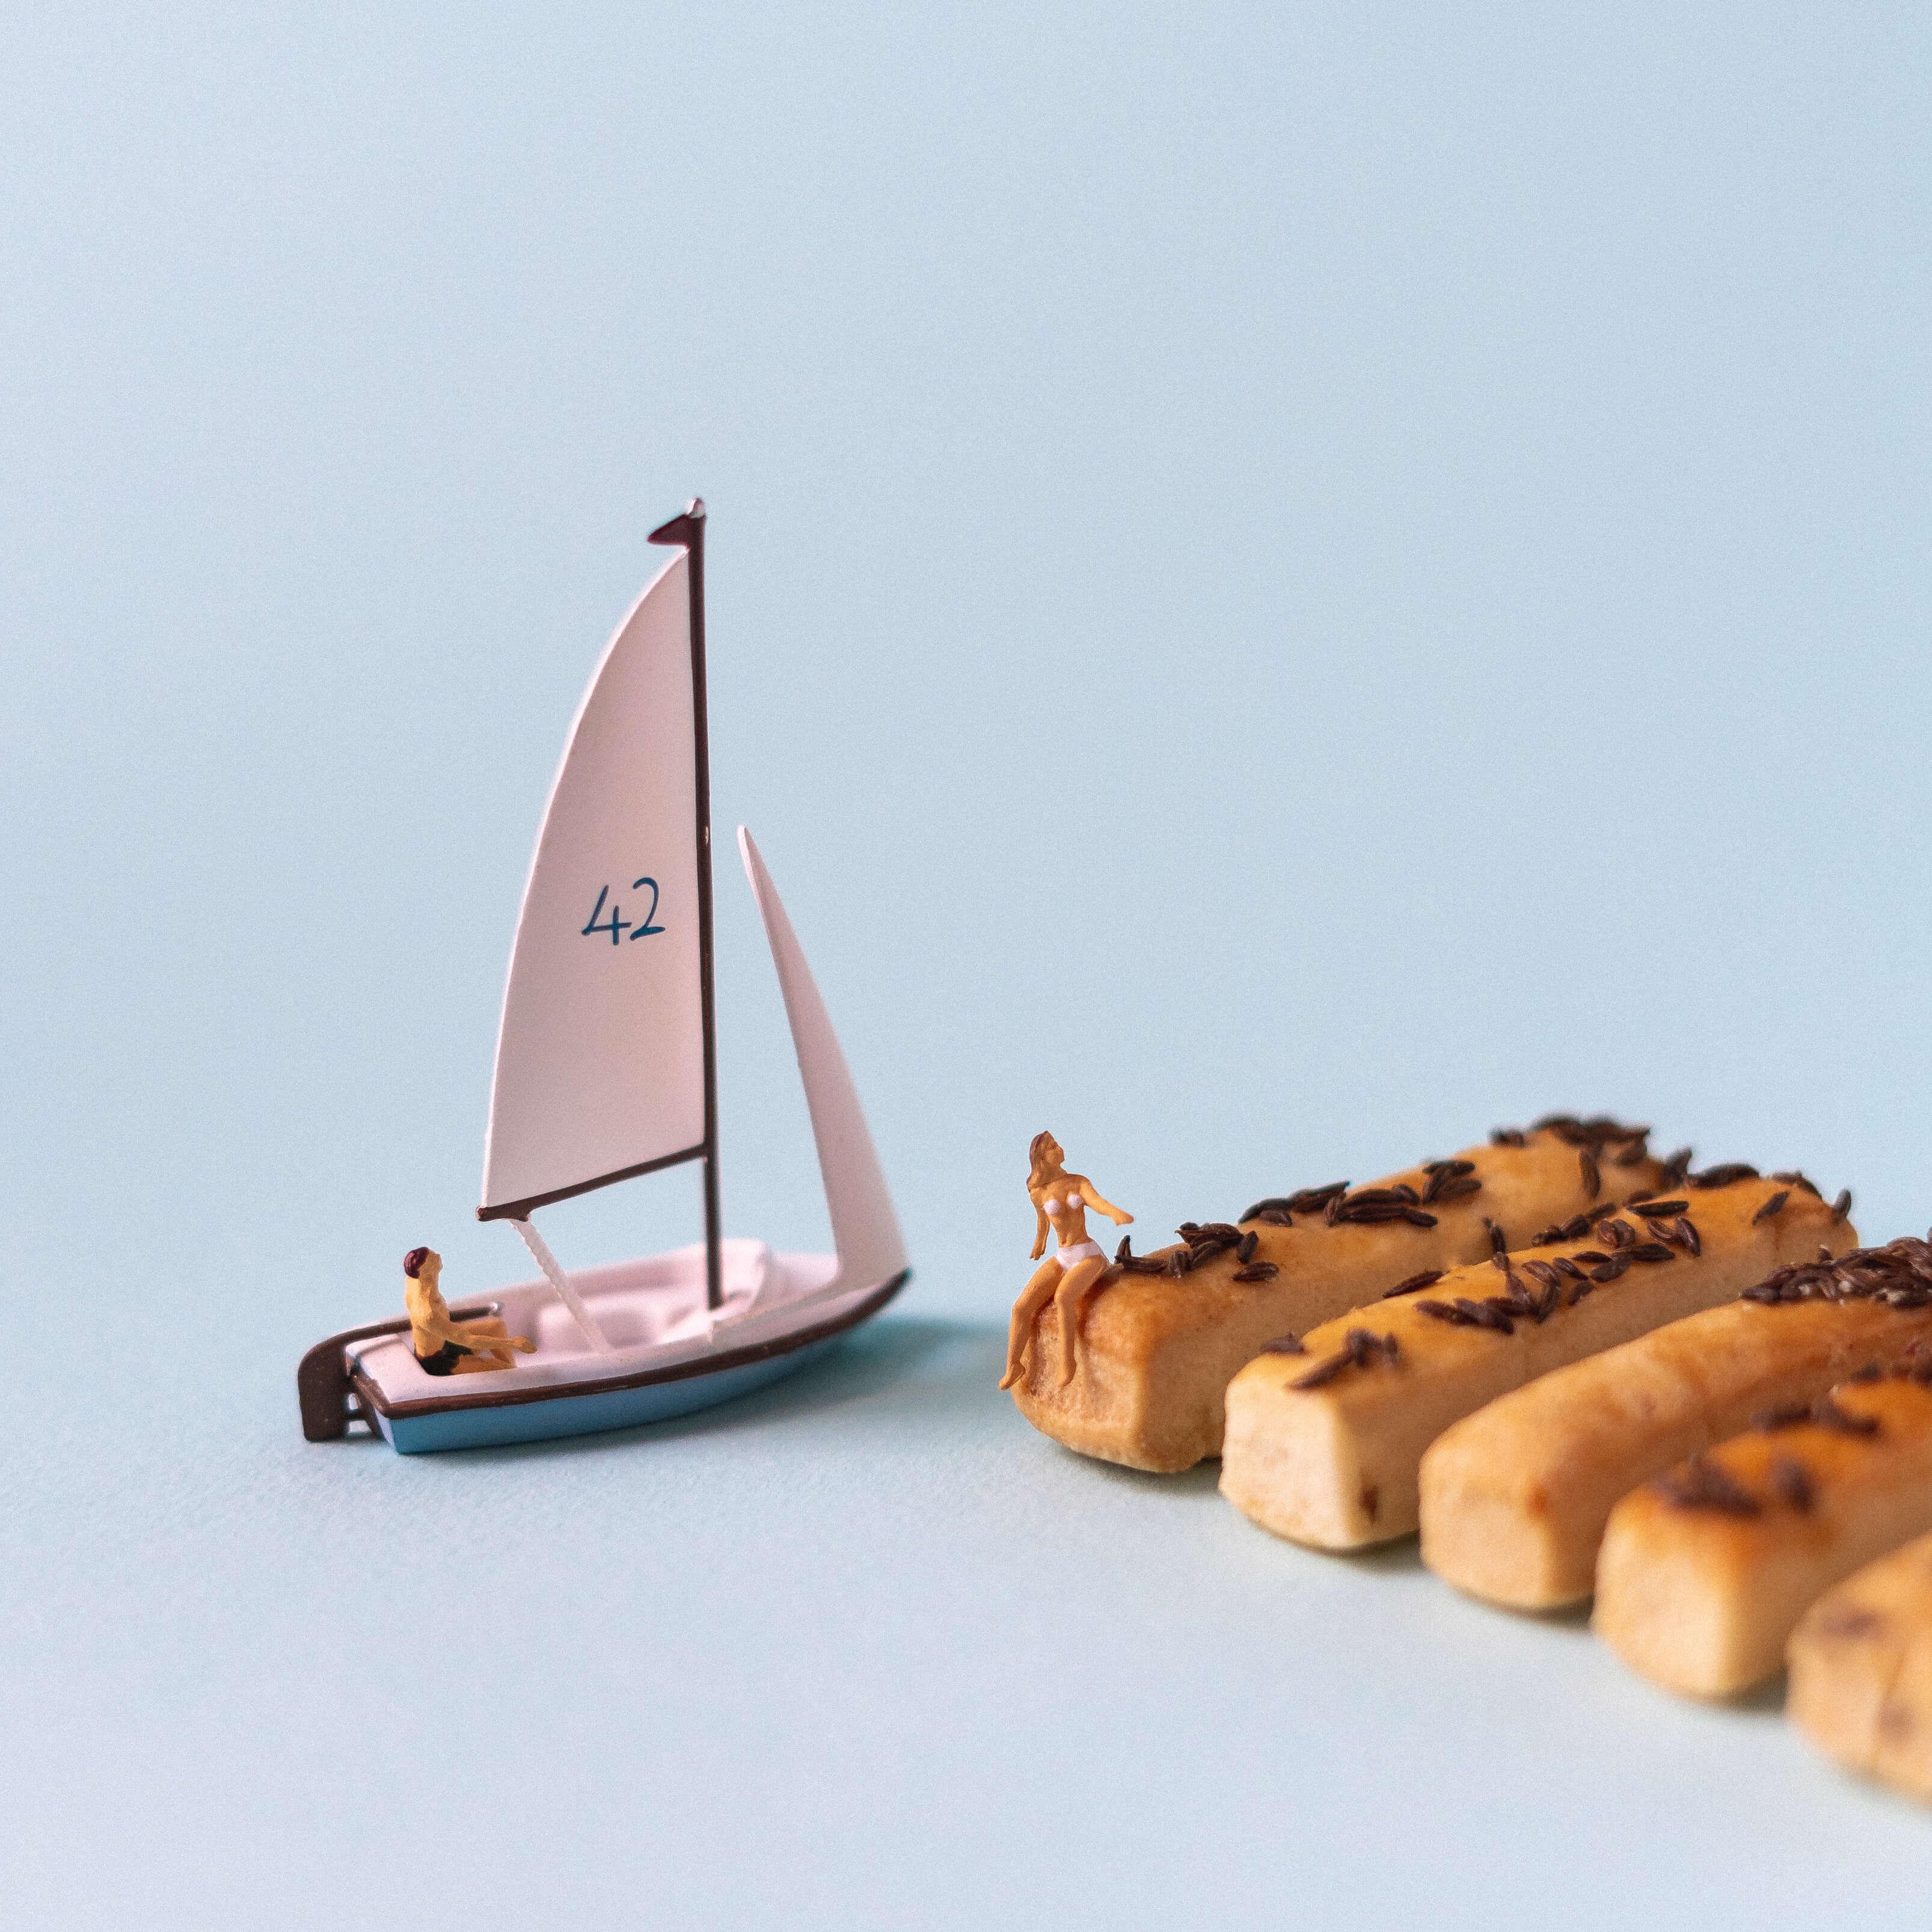 Biržų duona instagram 61